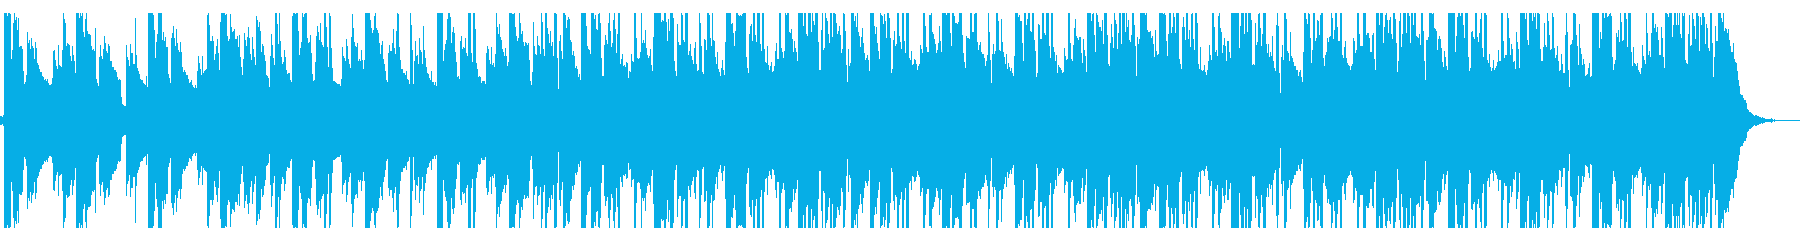 ラジオ/ローファイ_No396_2の再生済みの波形